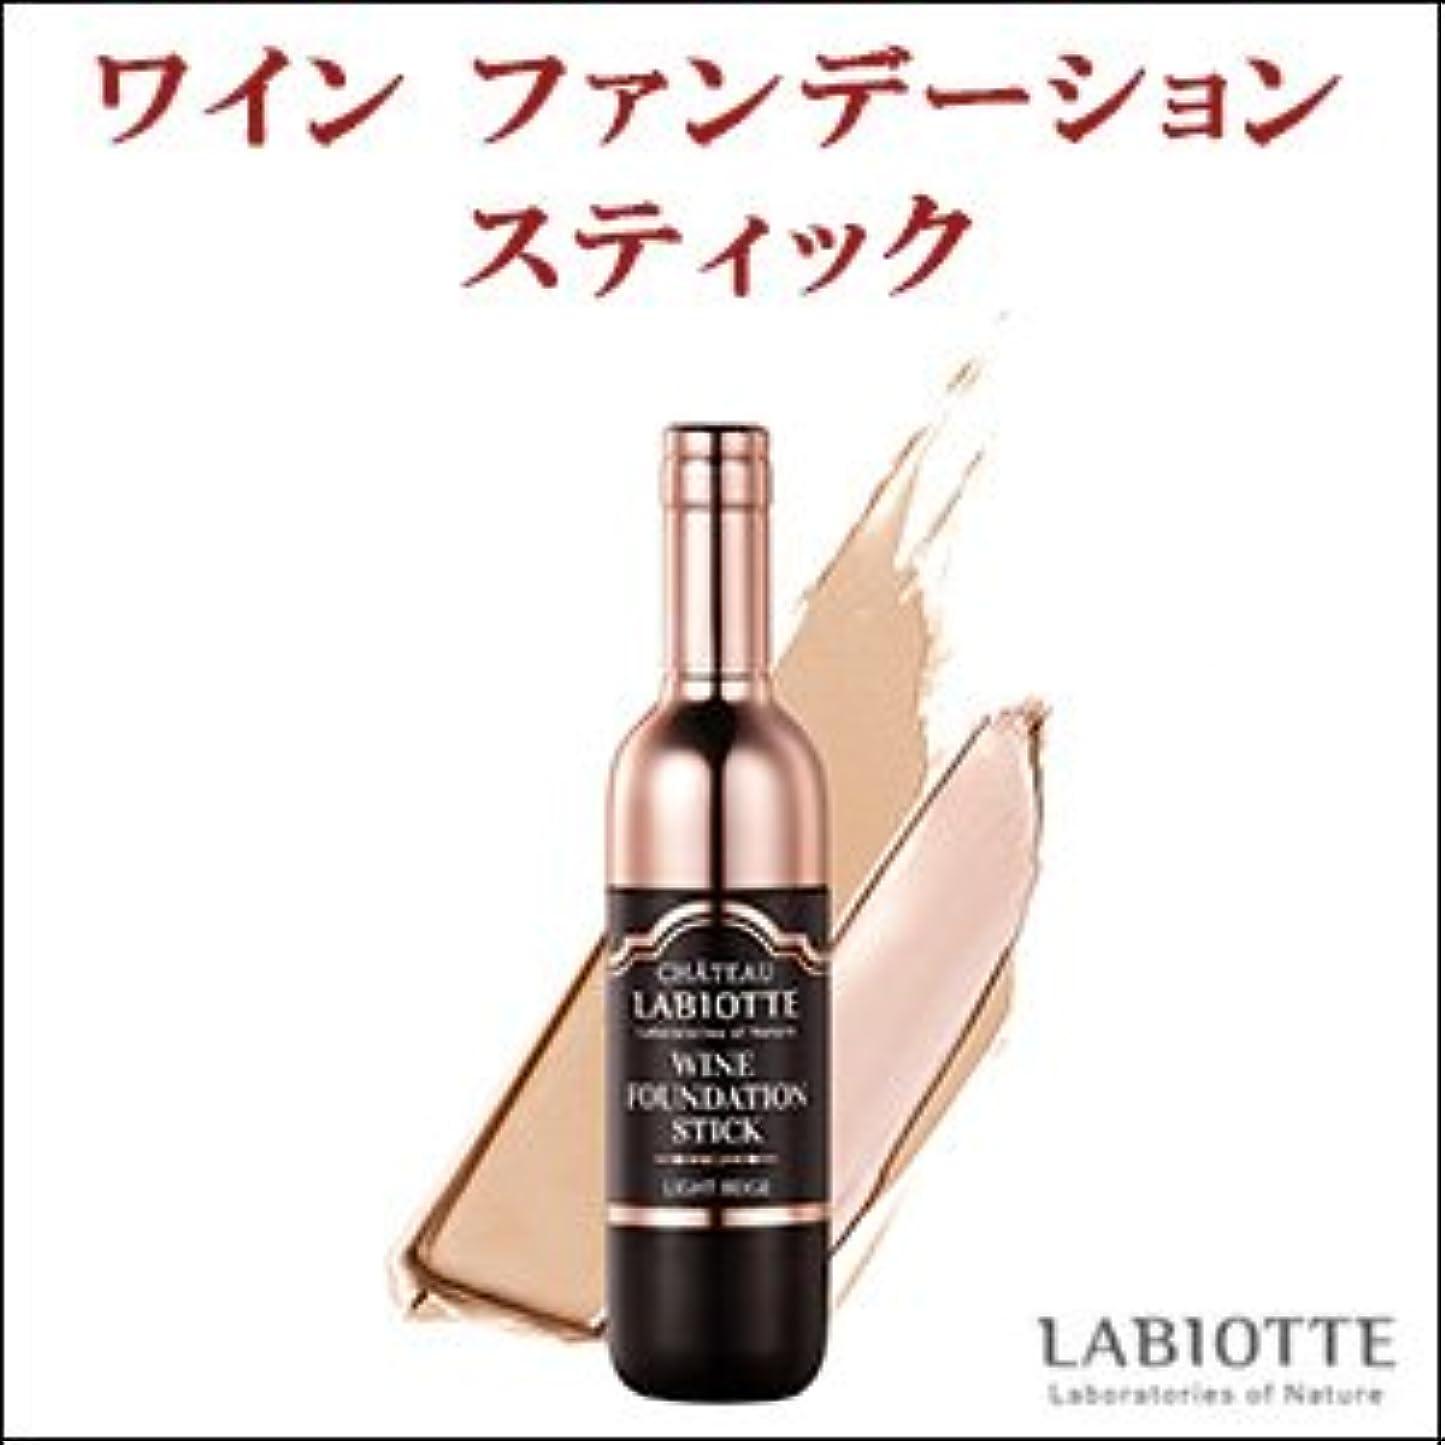 責任バイナリ遅らせるLABIOTTE シャトー ラビオッテ ワイン ファンデーション スティック カラー:BE21 ライトベージュ